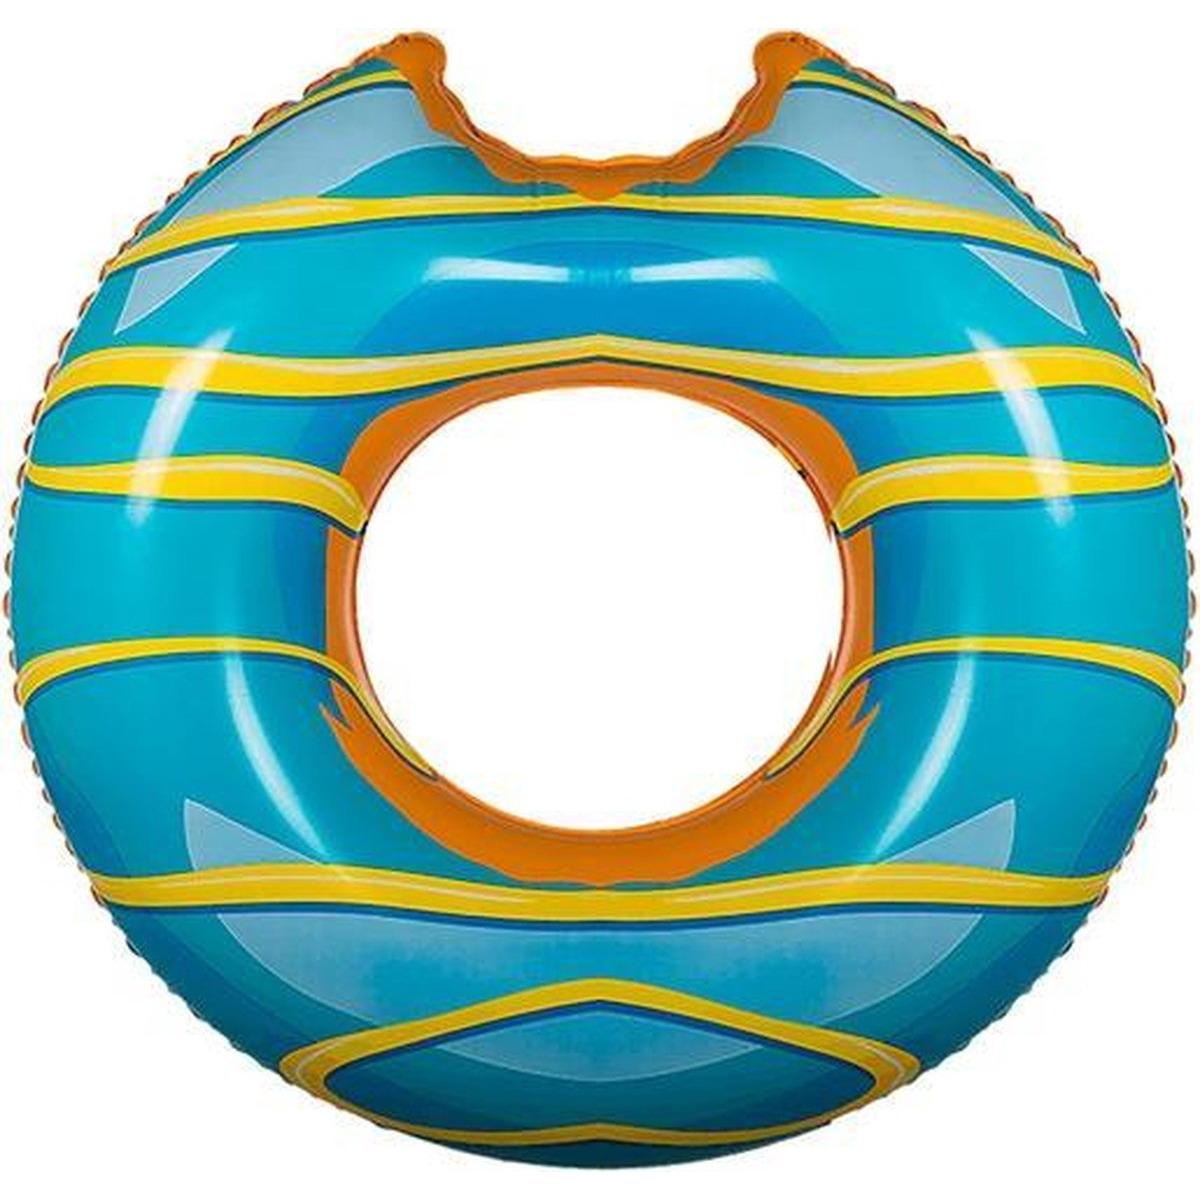 Blauwe donut zwemband 119 cm